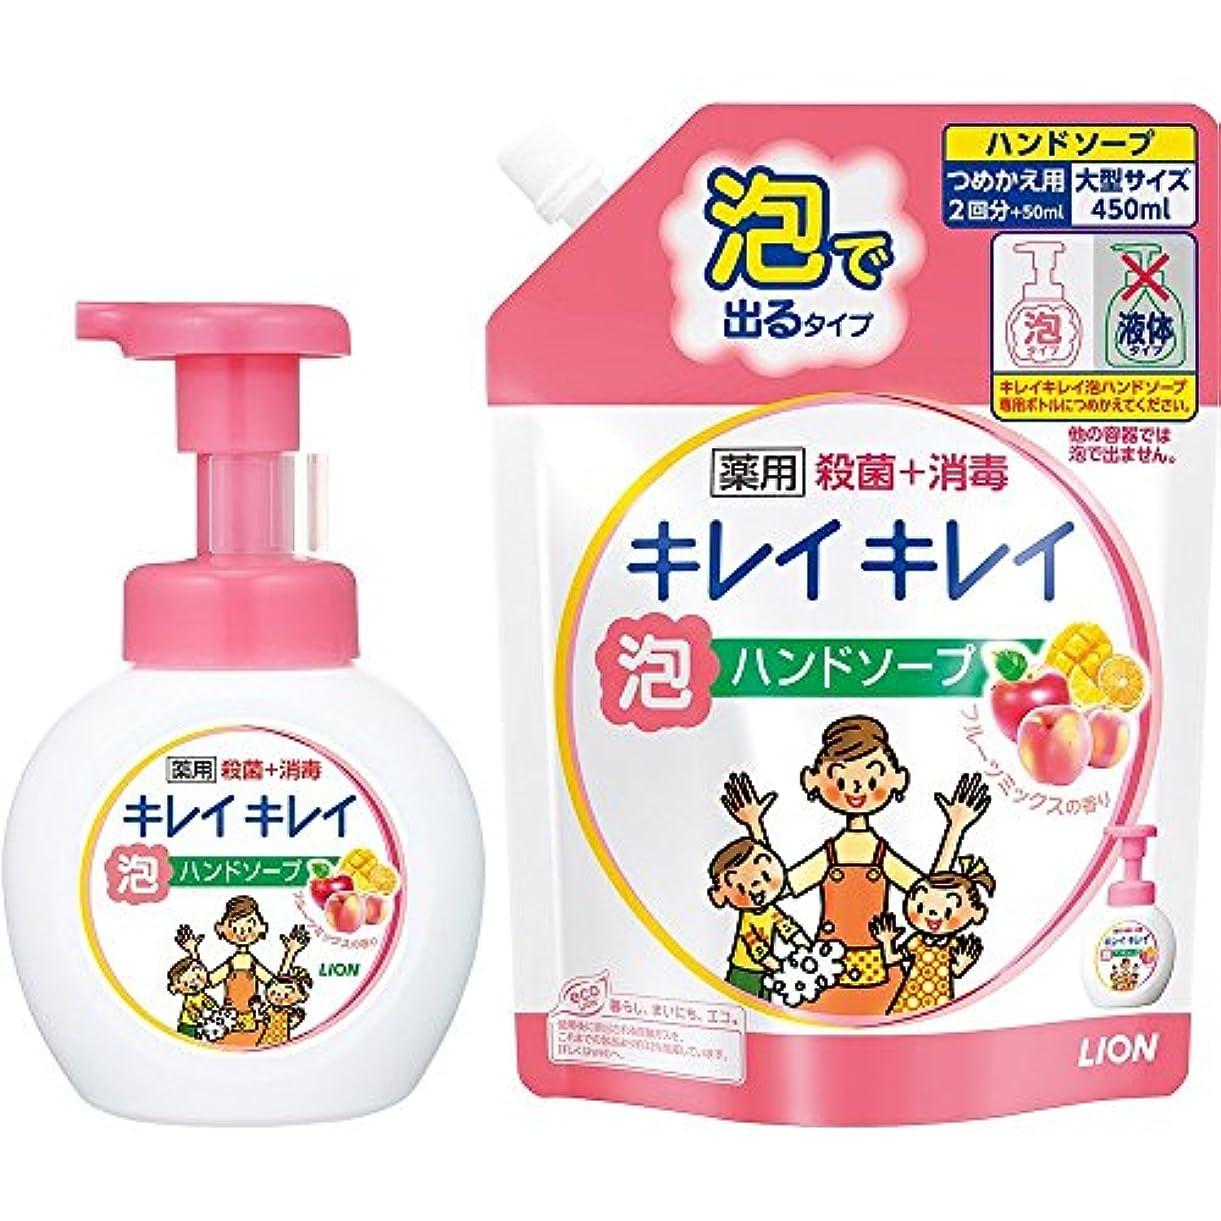 使用法歌ここにキレイキレイ 薬用 泡ハンドソープ フルーツミックスの香り 本体ポンプ250ml+詰め替え450ml(医薬部外品)